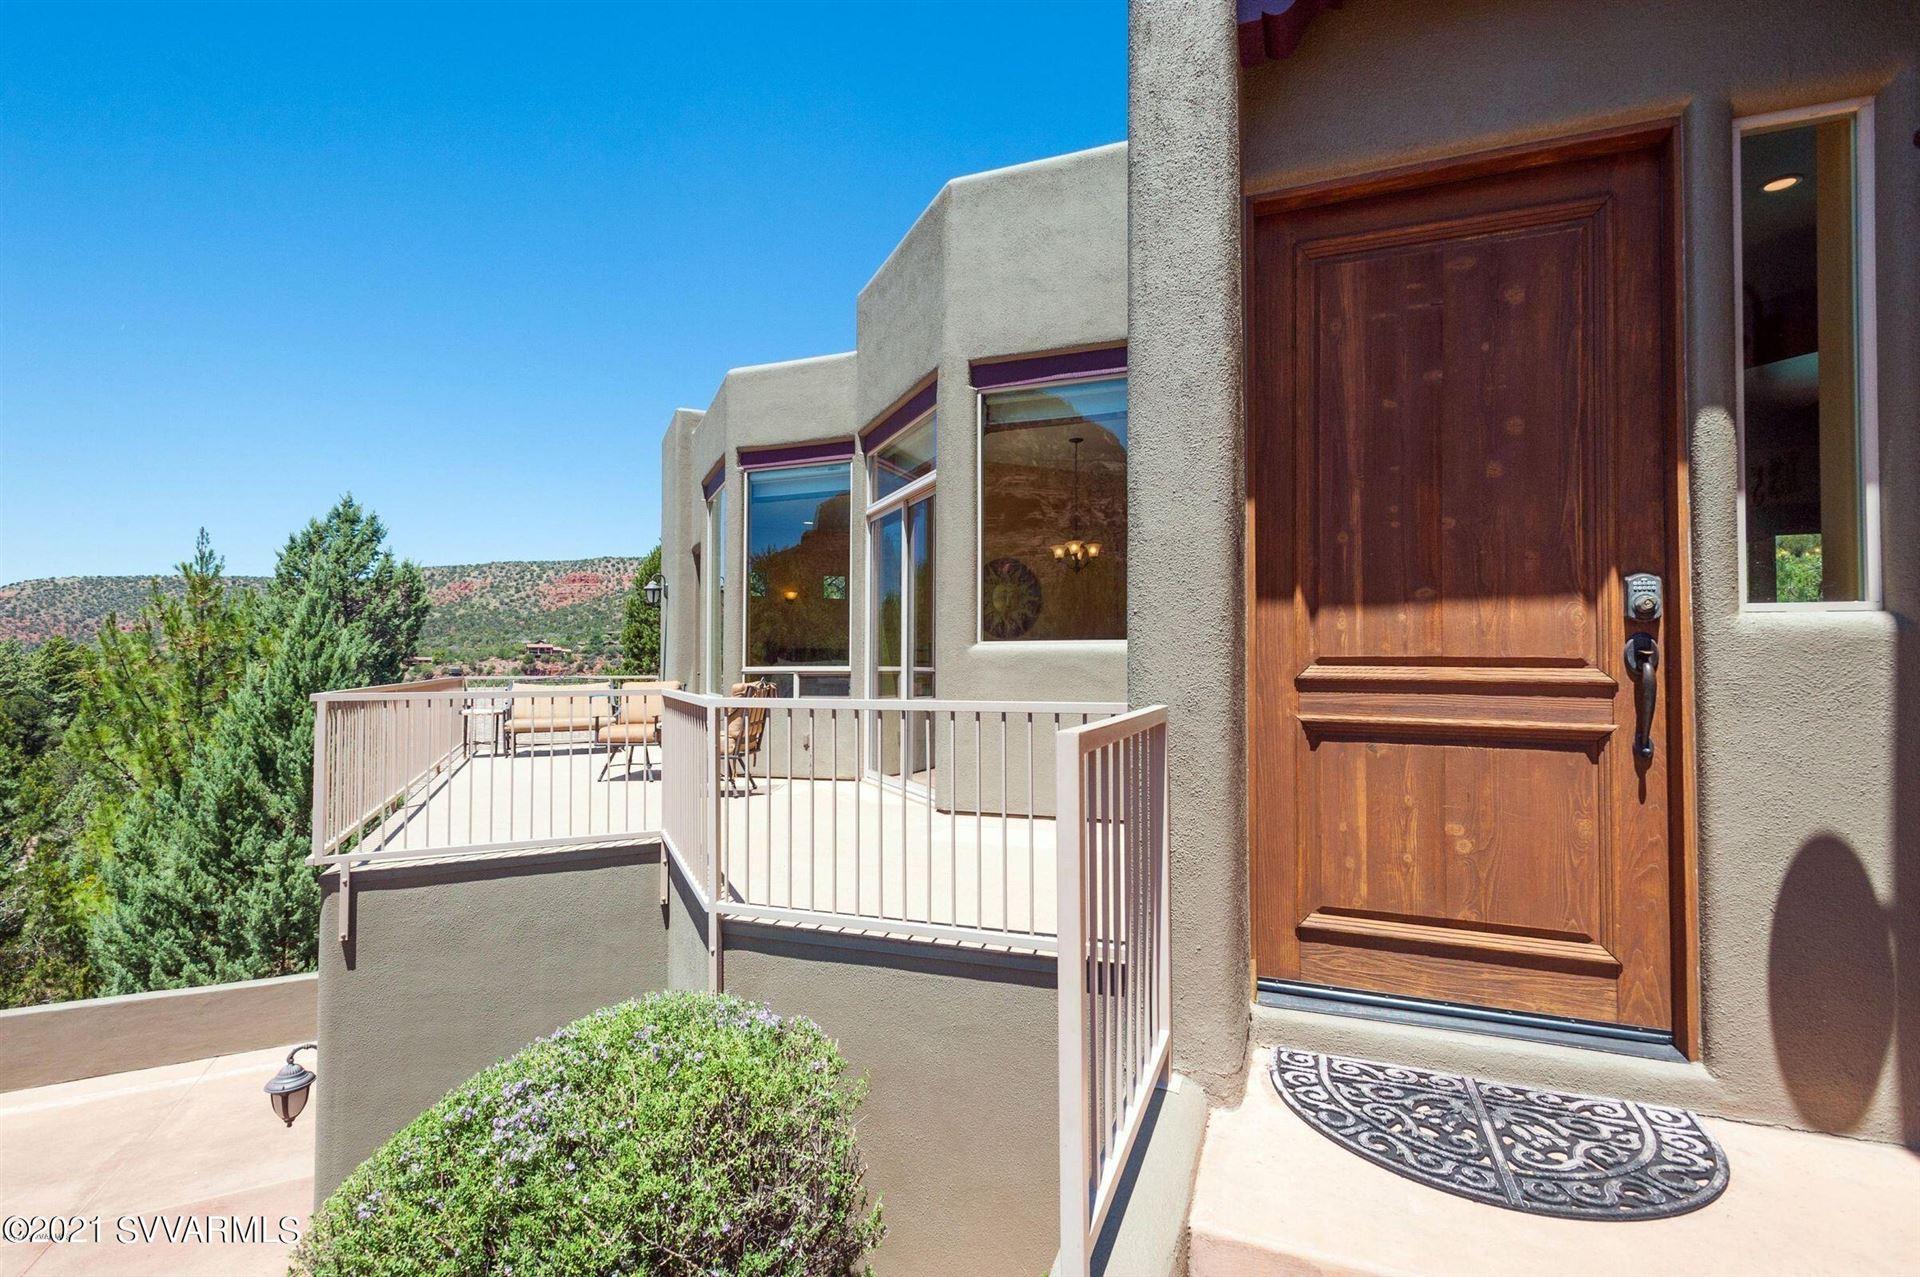 Photo of 135 Juniper Tr, Sedona, AZ 86336 (MLS # 526139)